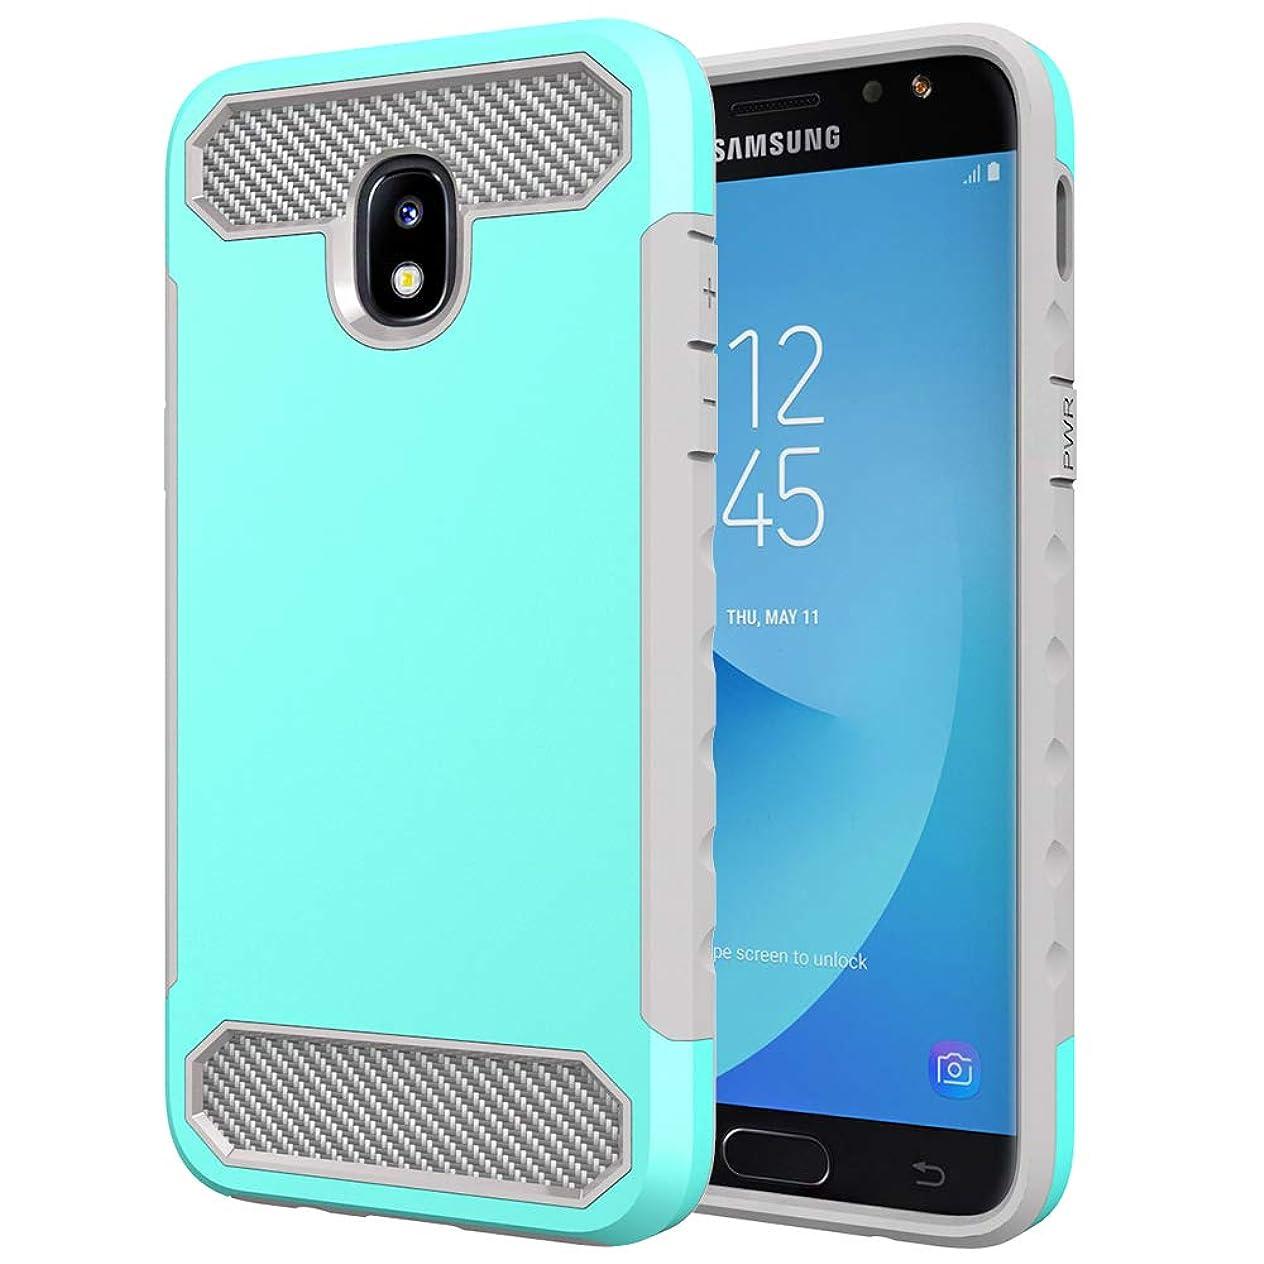 Galaxy J3 2018 Case, J3V J3 V 3rd Gen,Express Prime 3, J3 Star, J3 Achieve, Amp Prime 3 Case, NOKEA [Carbon Fiber] Dual Layer Armor Defender Protective Cover for Samsung Galaxy J7 2018 (Aqua/Grey) dfphsogs806